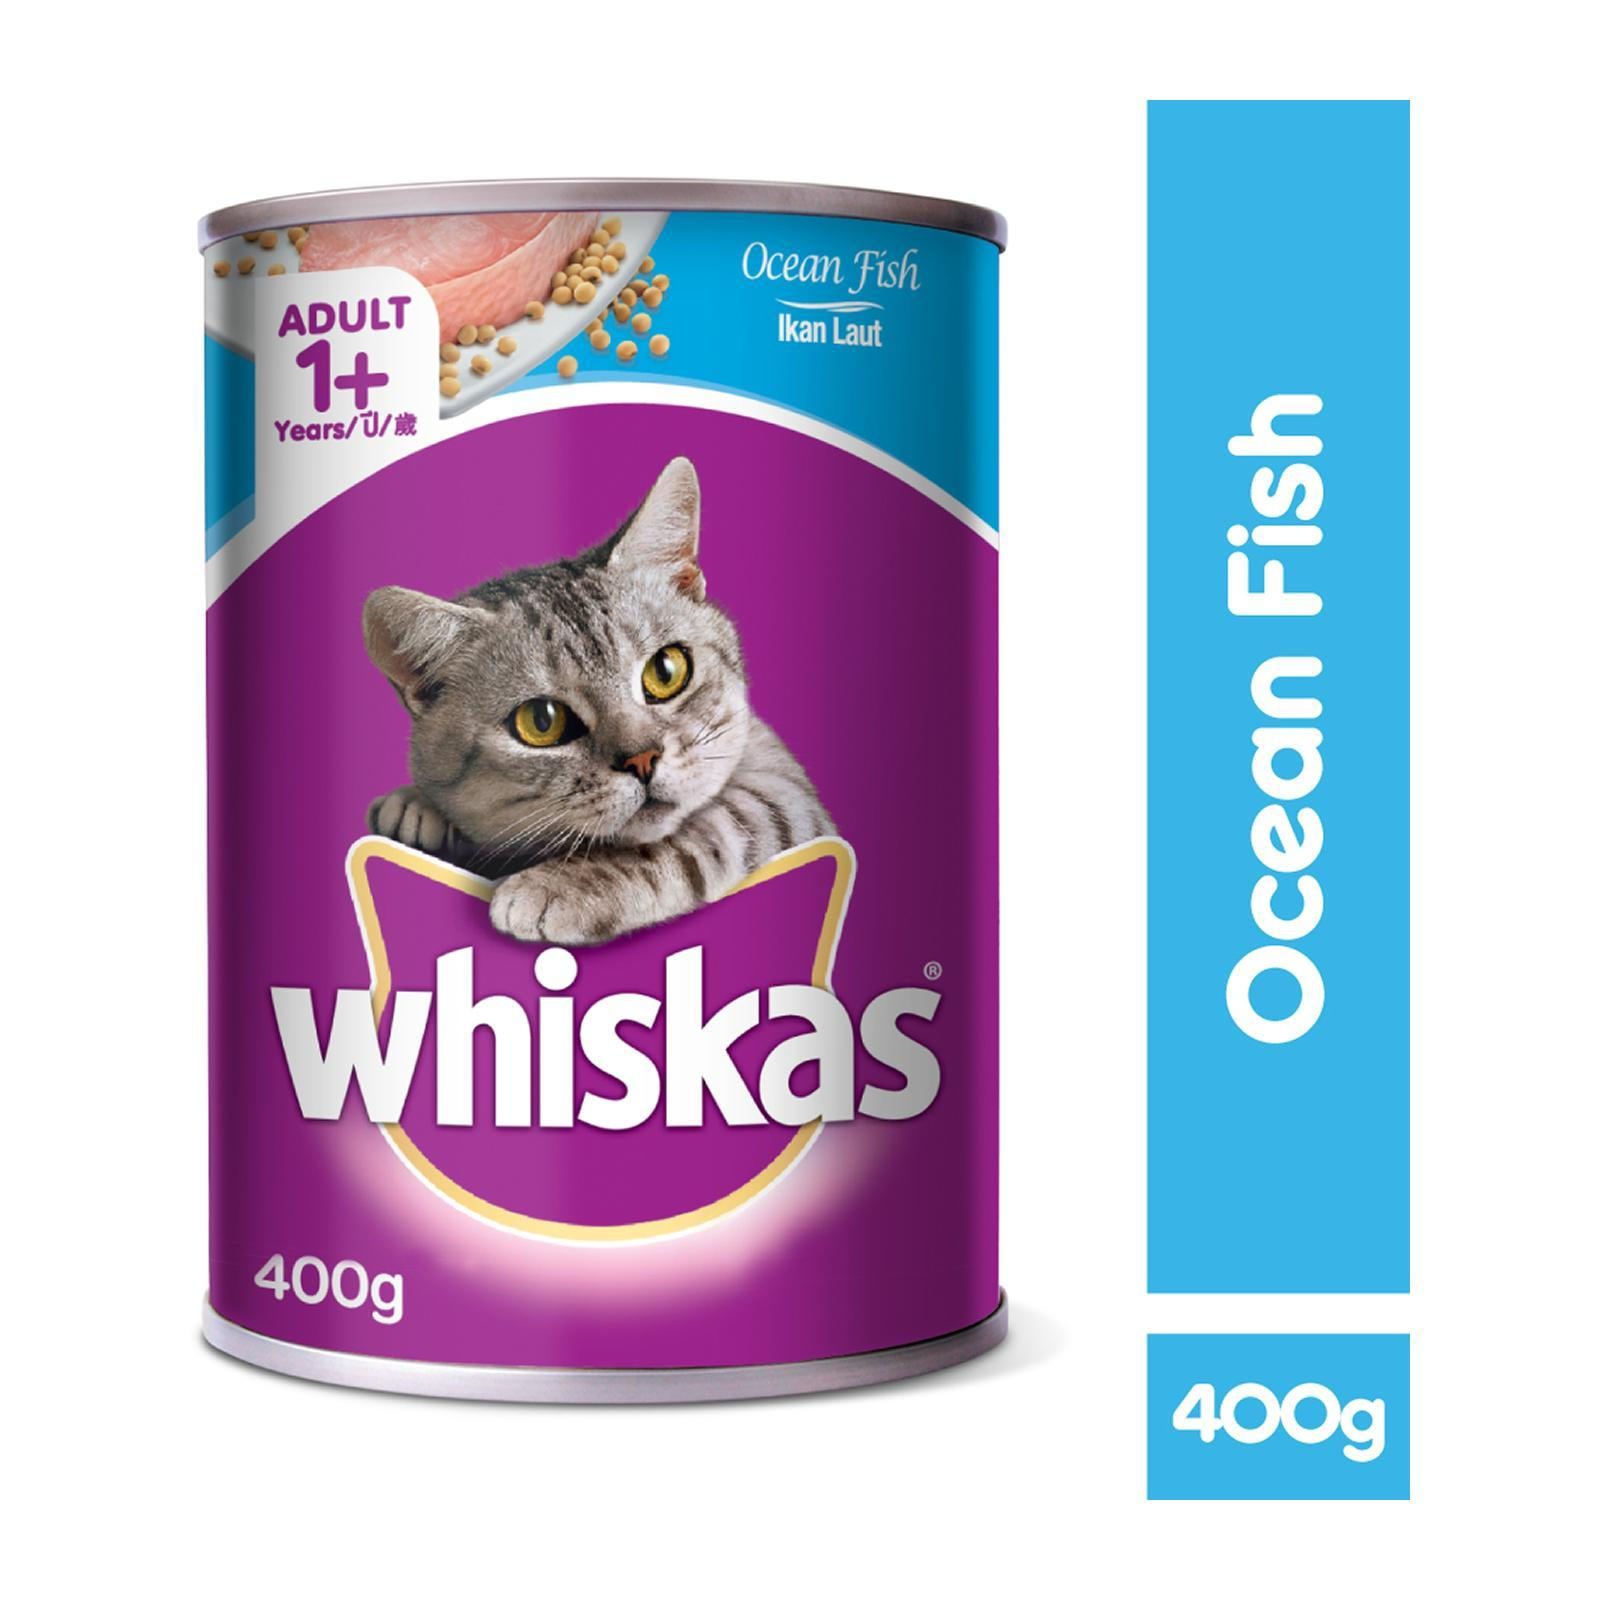 Whiskas Ocean Fish Wet Food for Cat